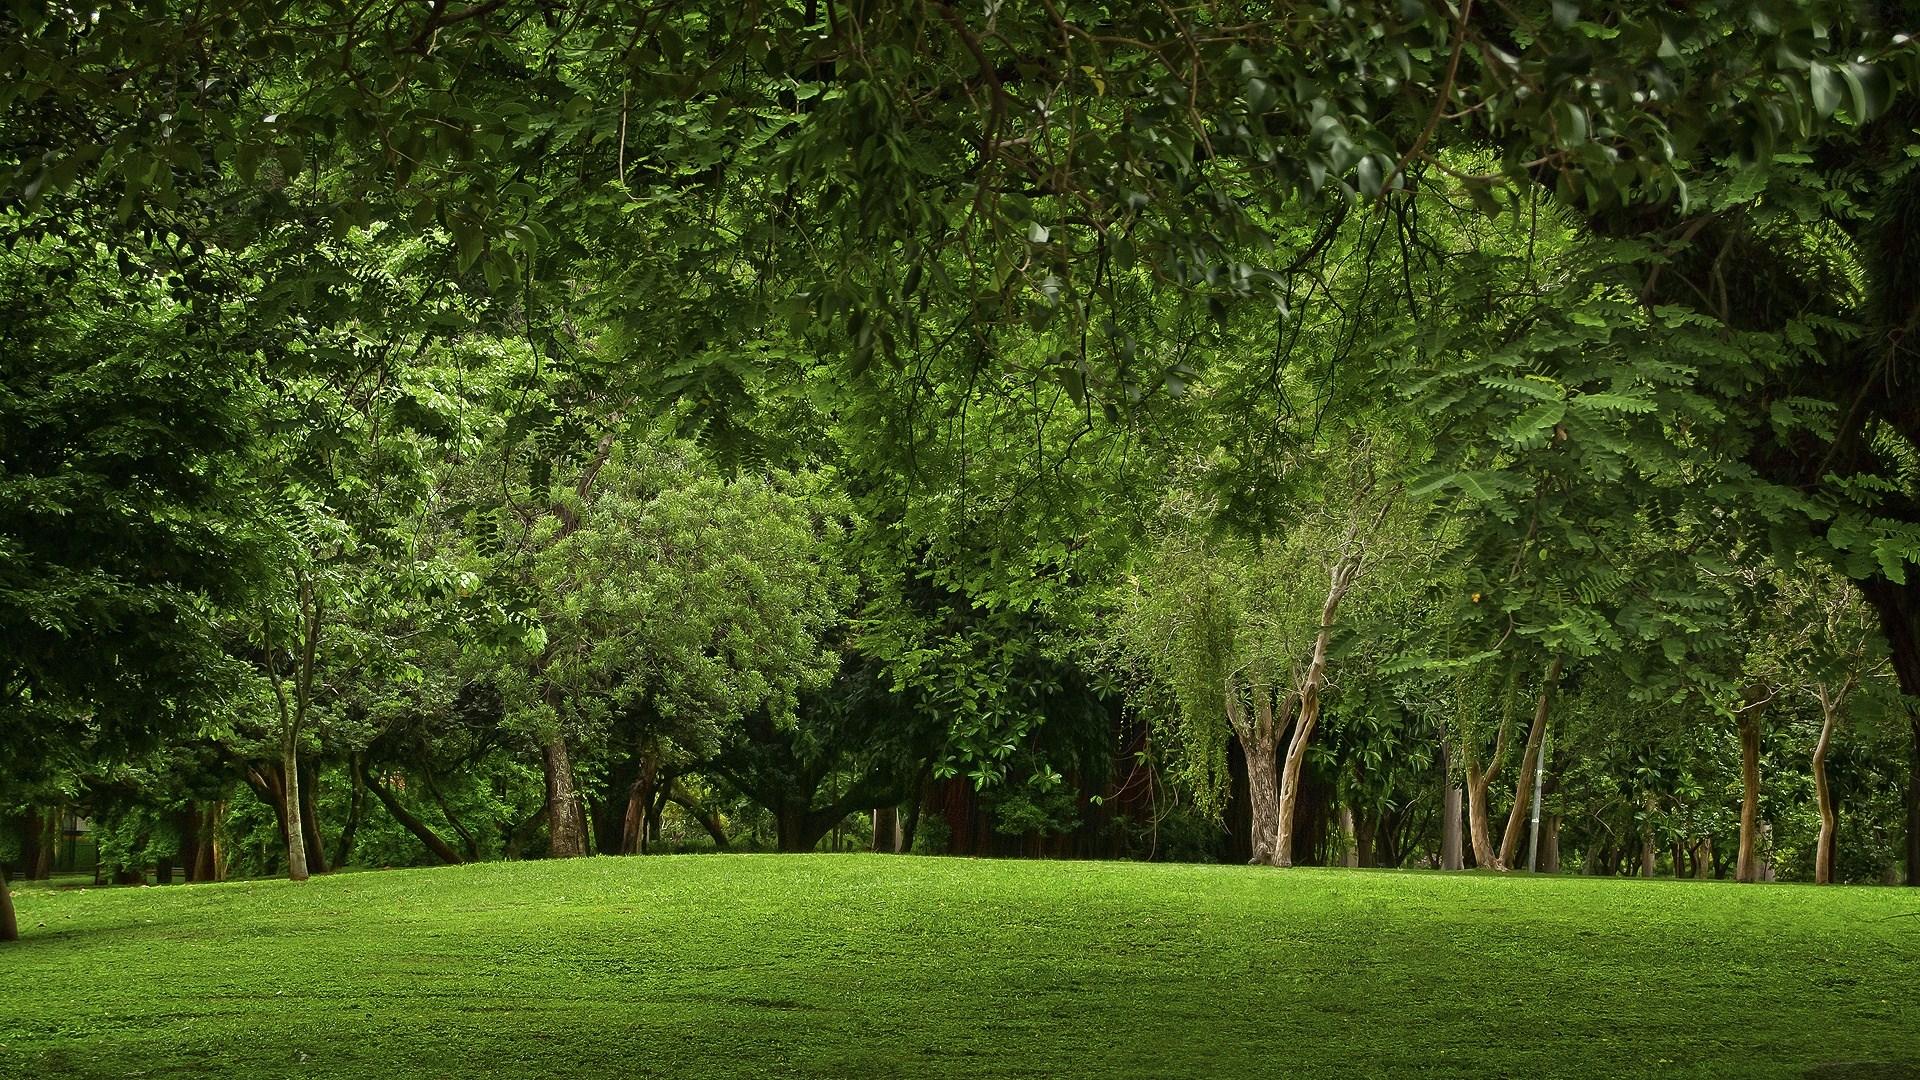 деревья на поляне  № 2050712 бесплатно